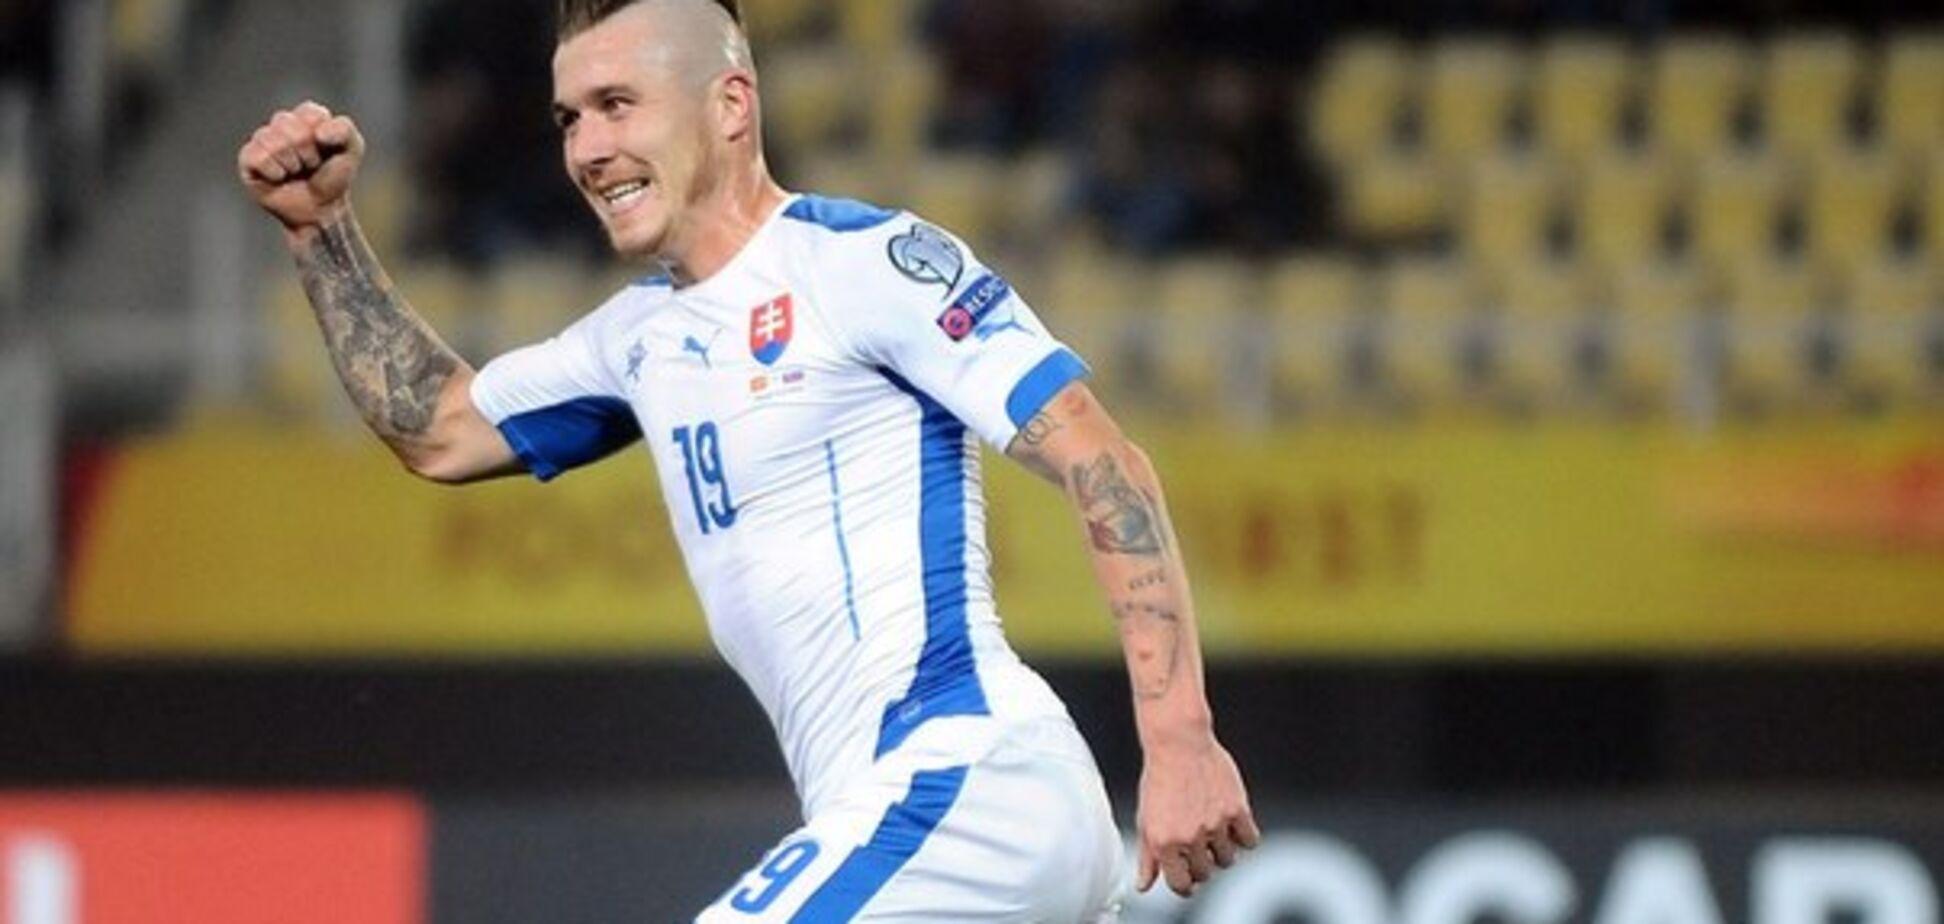 Футболист сборной Словакии забил феноменальный гол в 'девятку' с 50 метров: видео шедевра